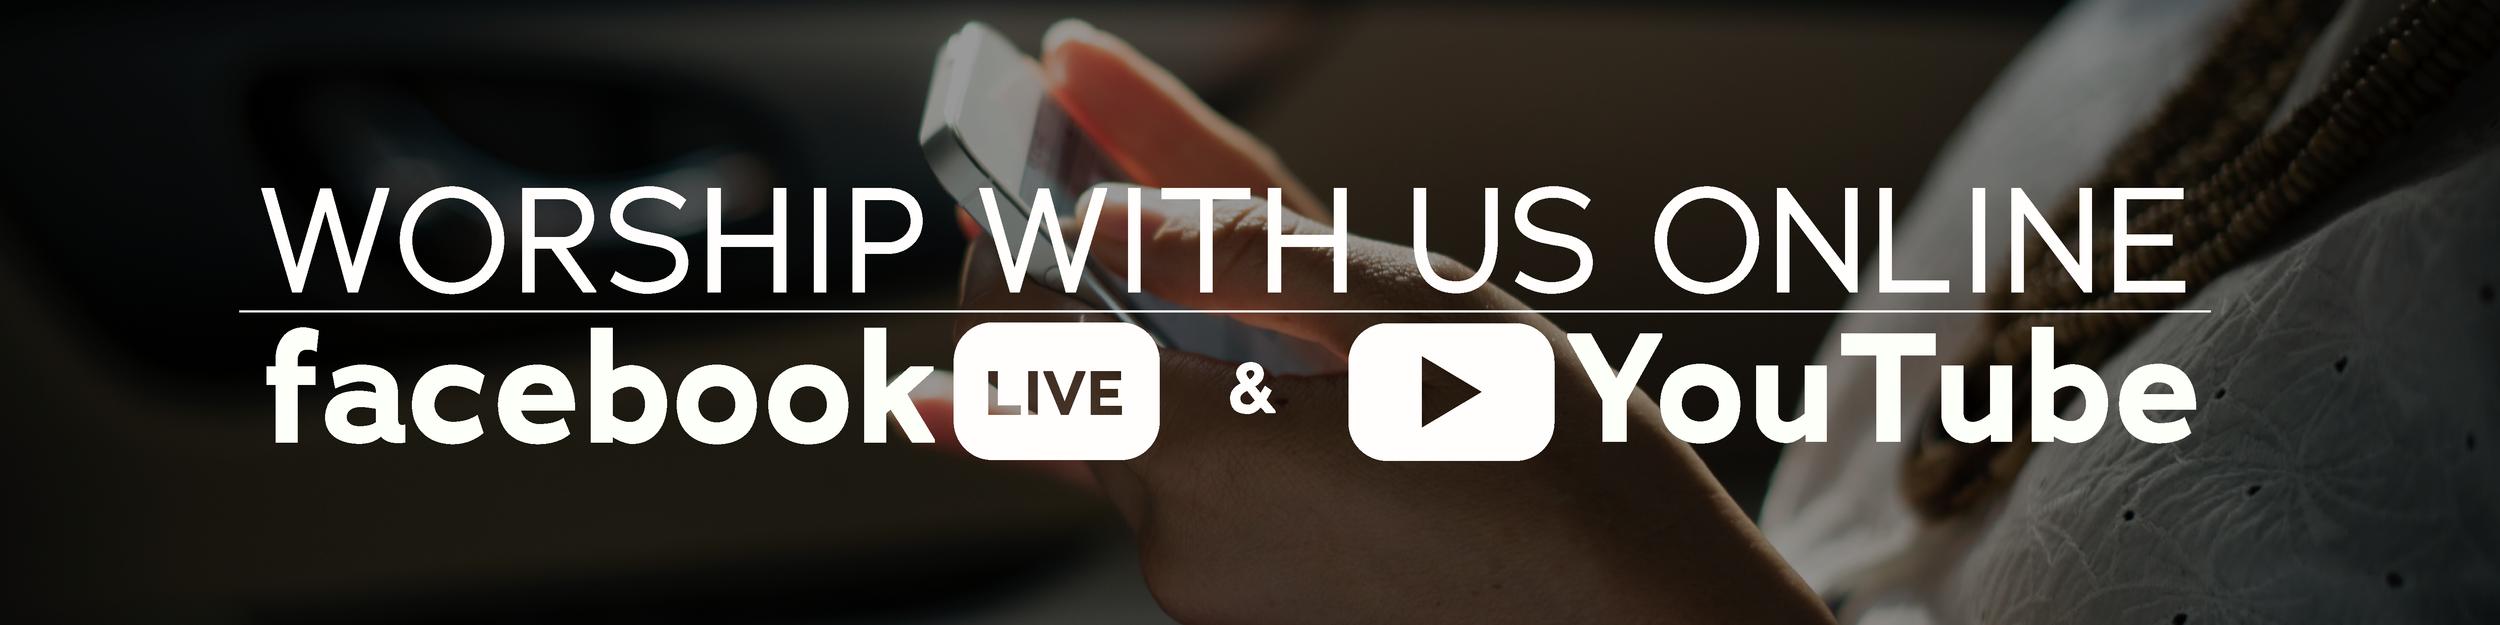 Watch-us-online-banner-v2.png